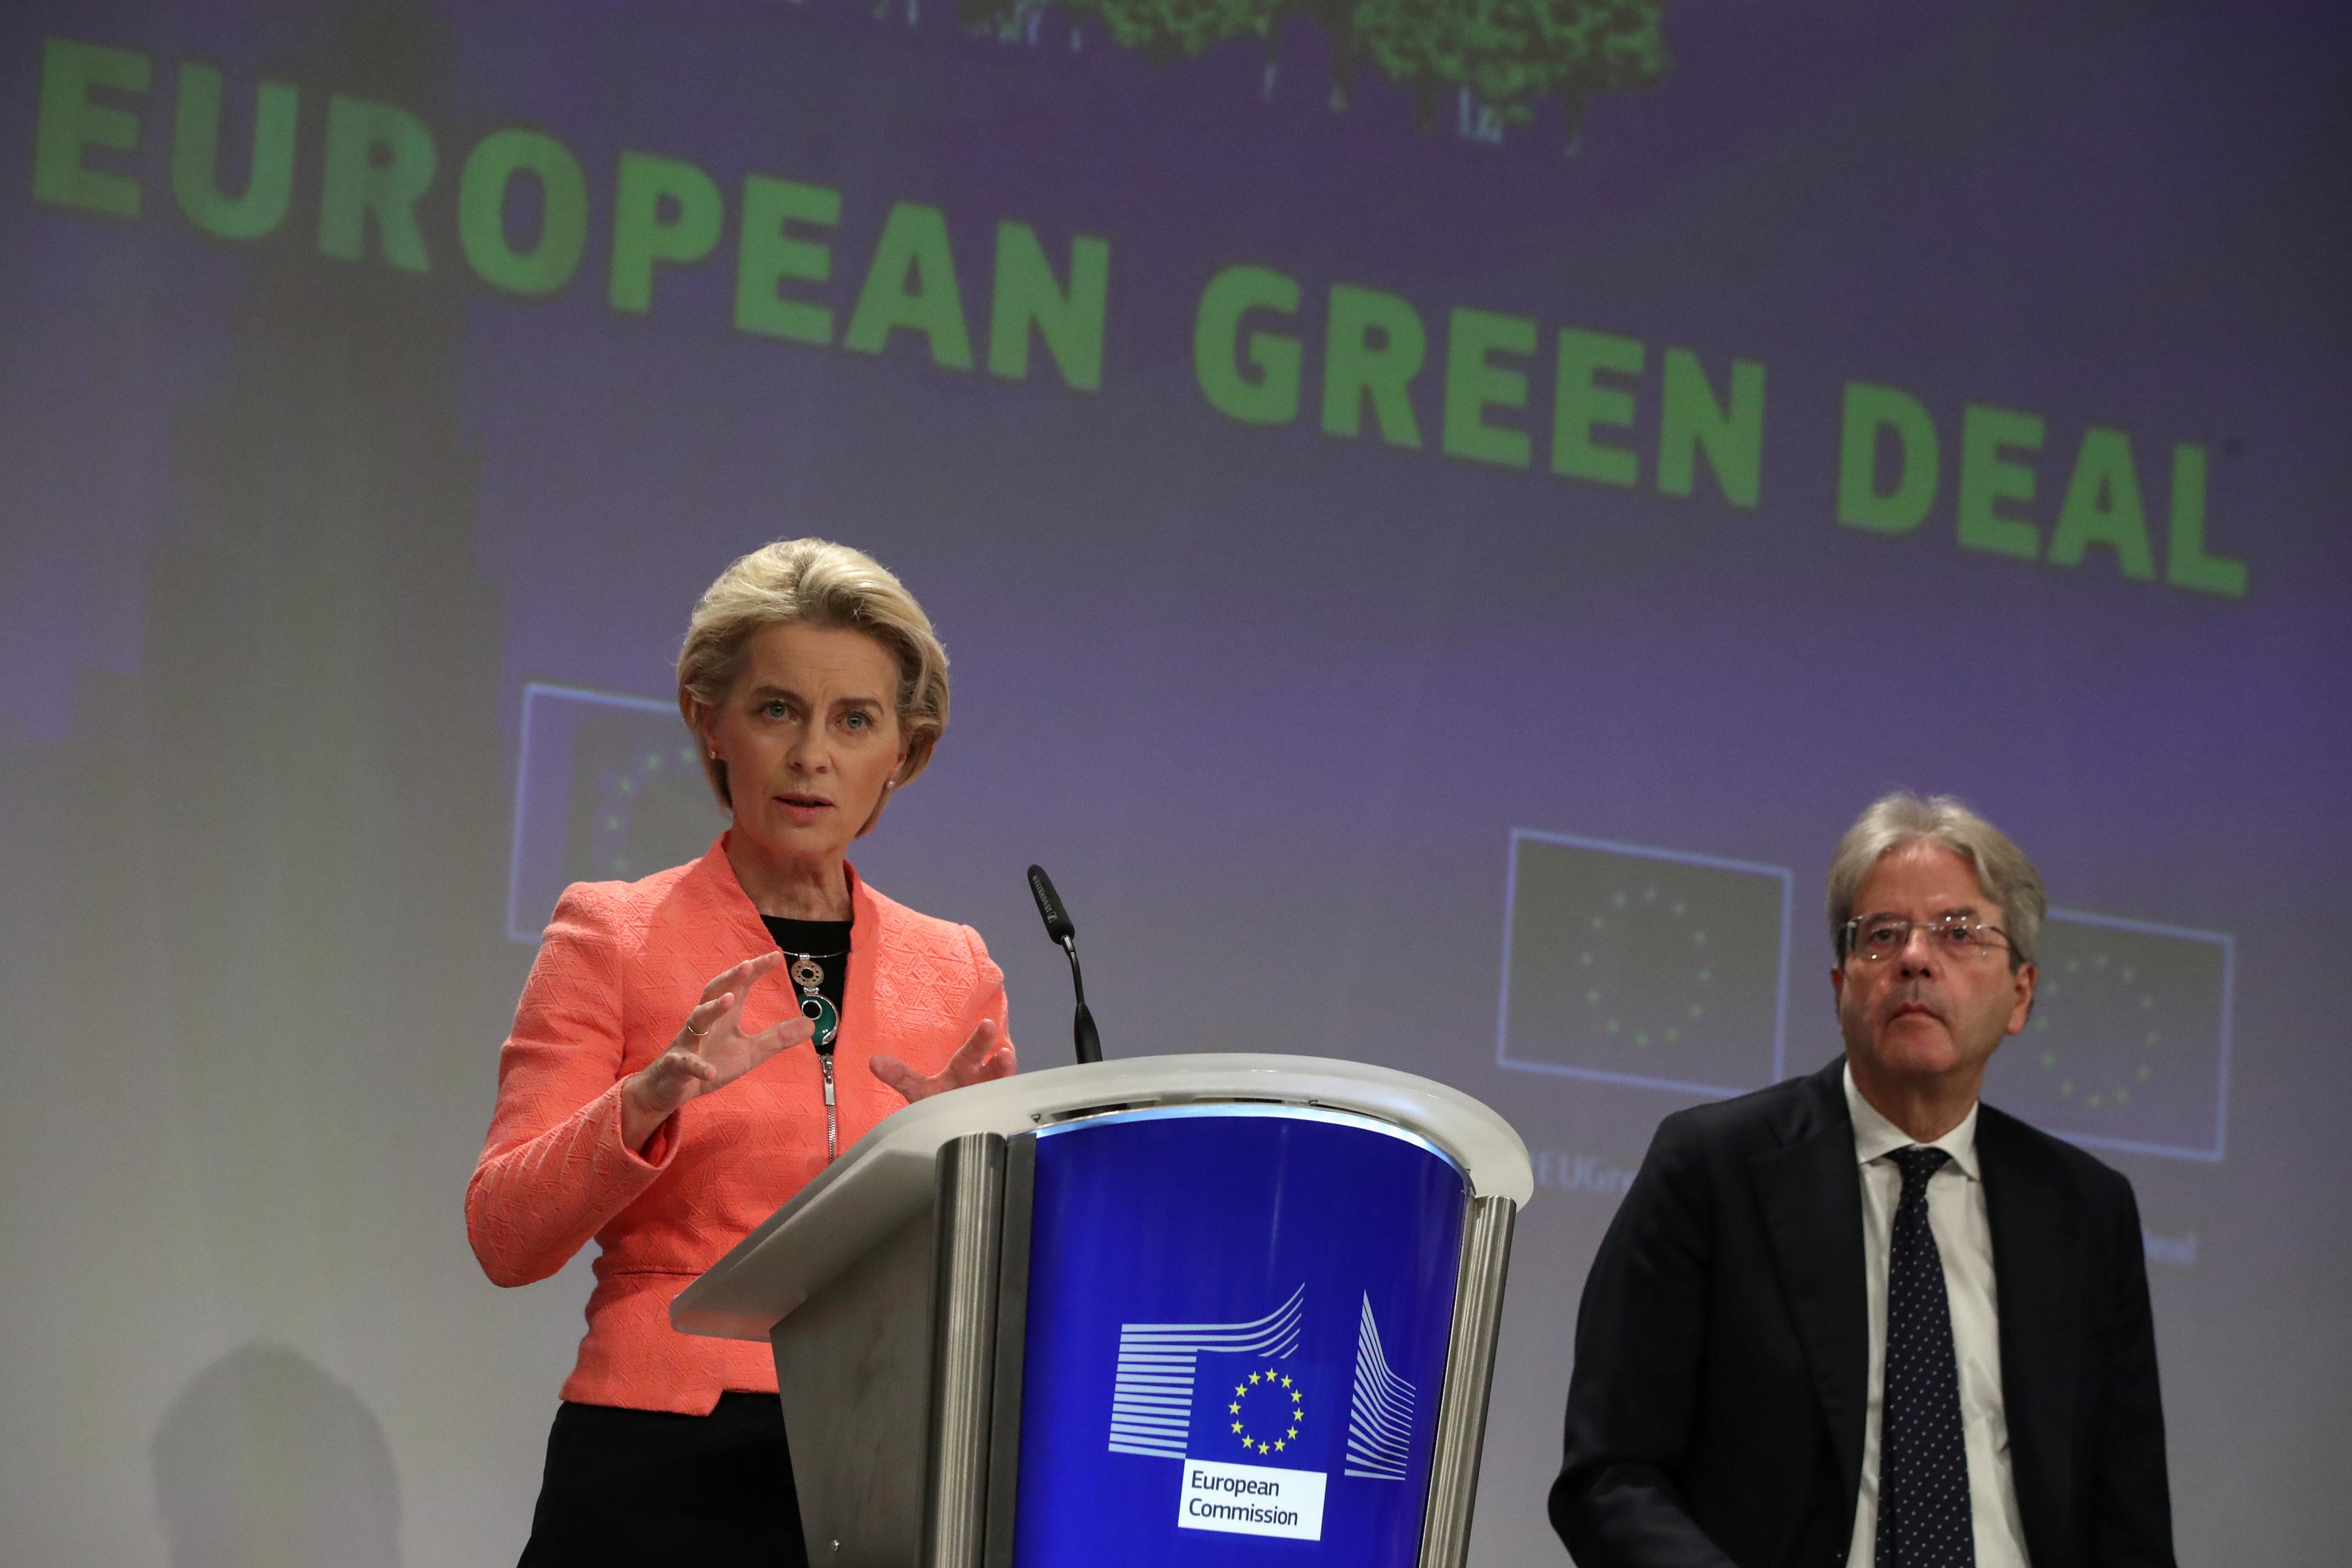 Eiropas Komisijas priekšsēdētāja Ursula fon der Lejena iepazīstina ar ES jaunajiem klimata politikas priekšlikumiem, kad ES komisārs Paolo Džentiloni sēž blakus viņai, Briselē, Beļģijā, 14. gada 2021. jūlijā. REUTERS / Īvs Hermans